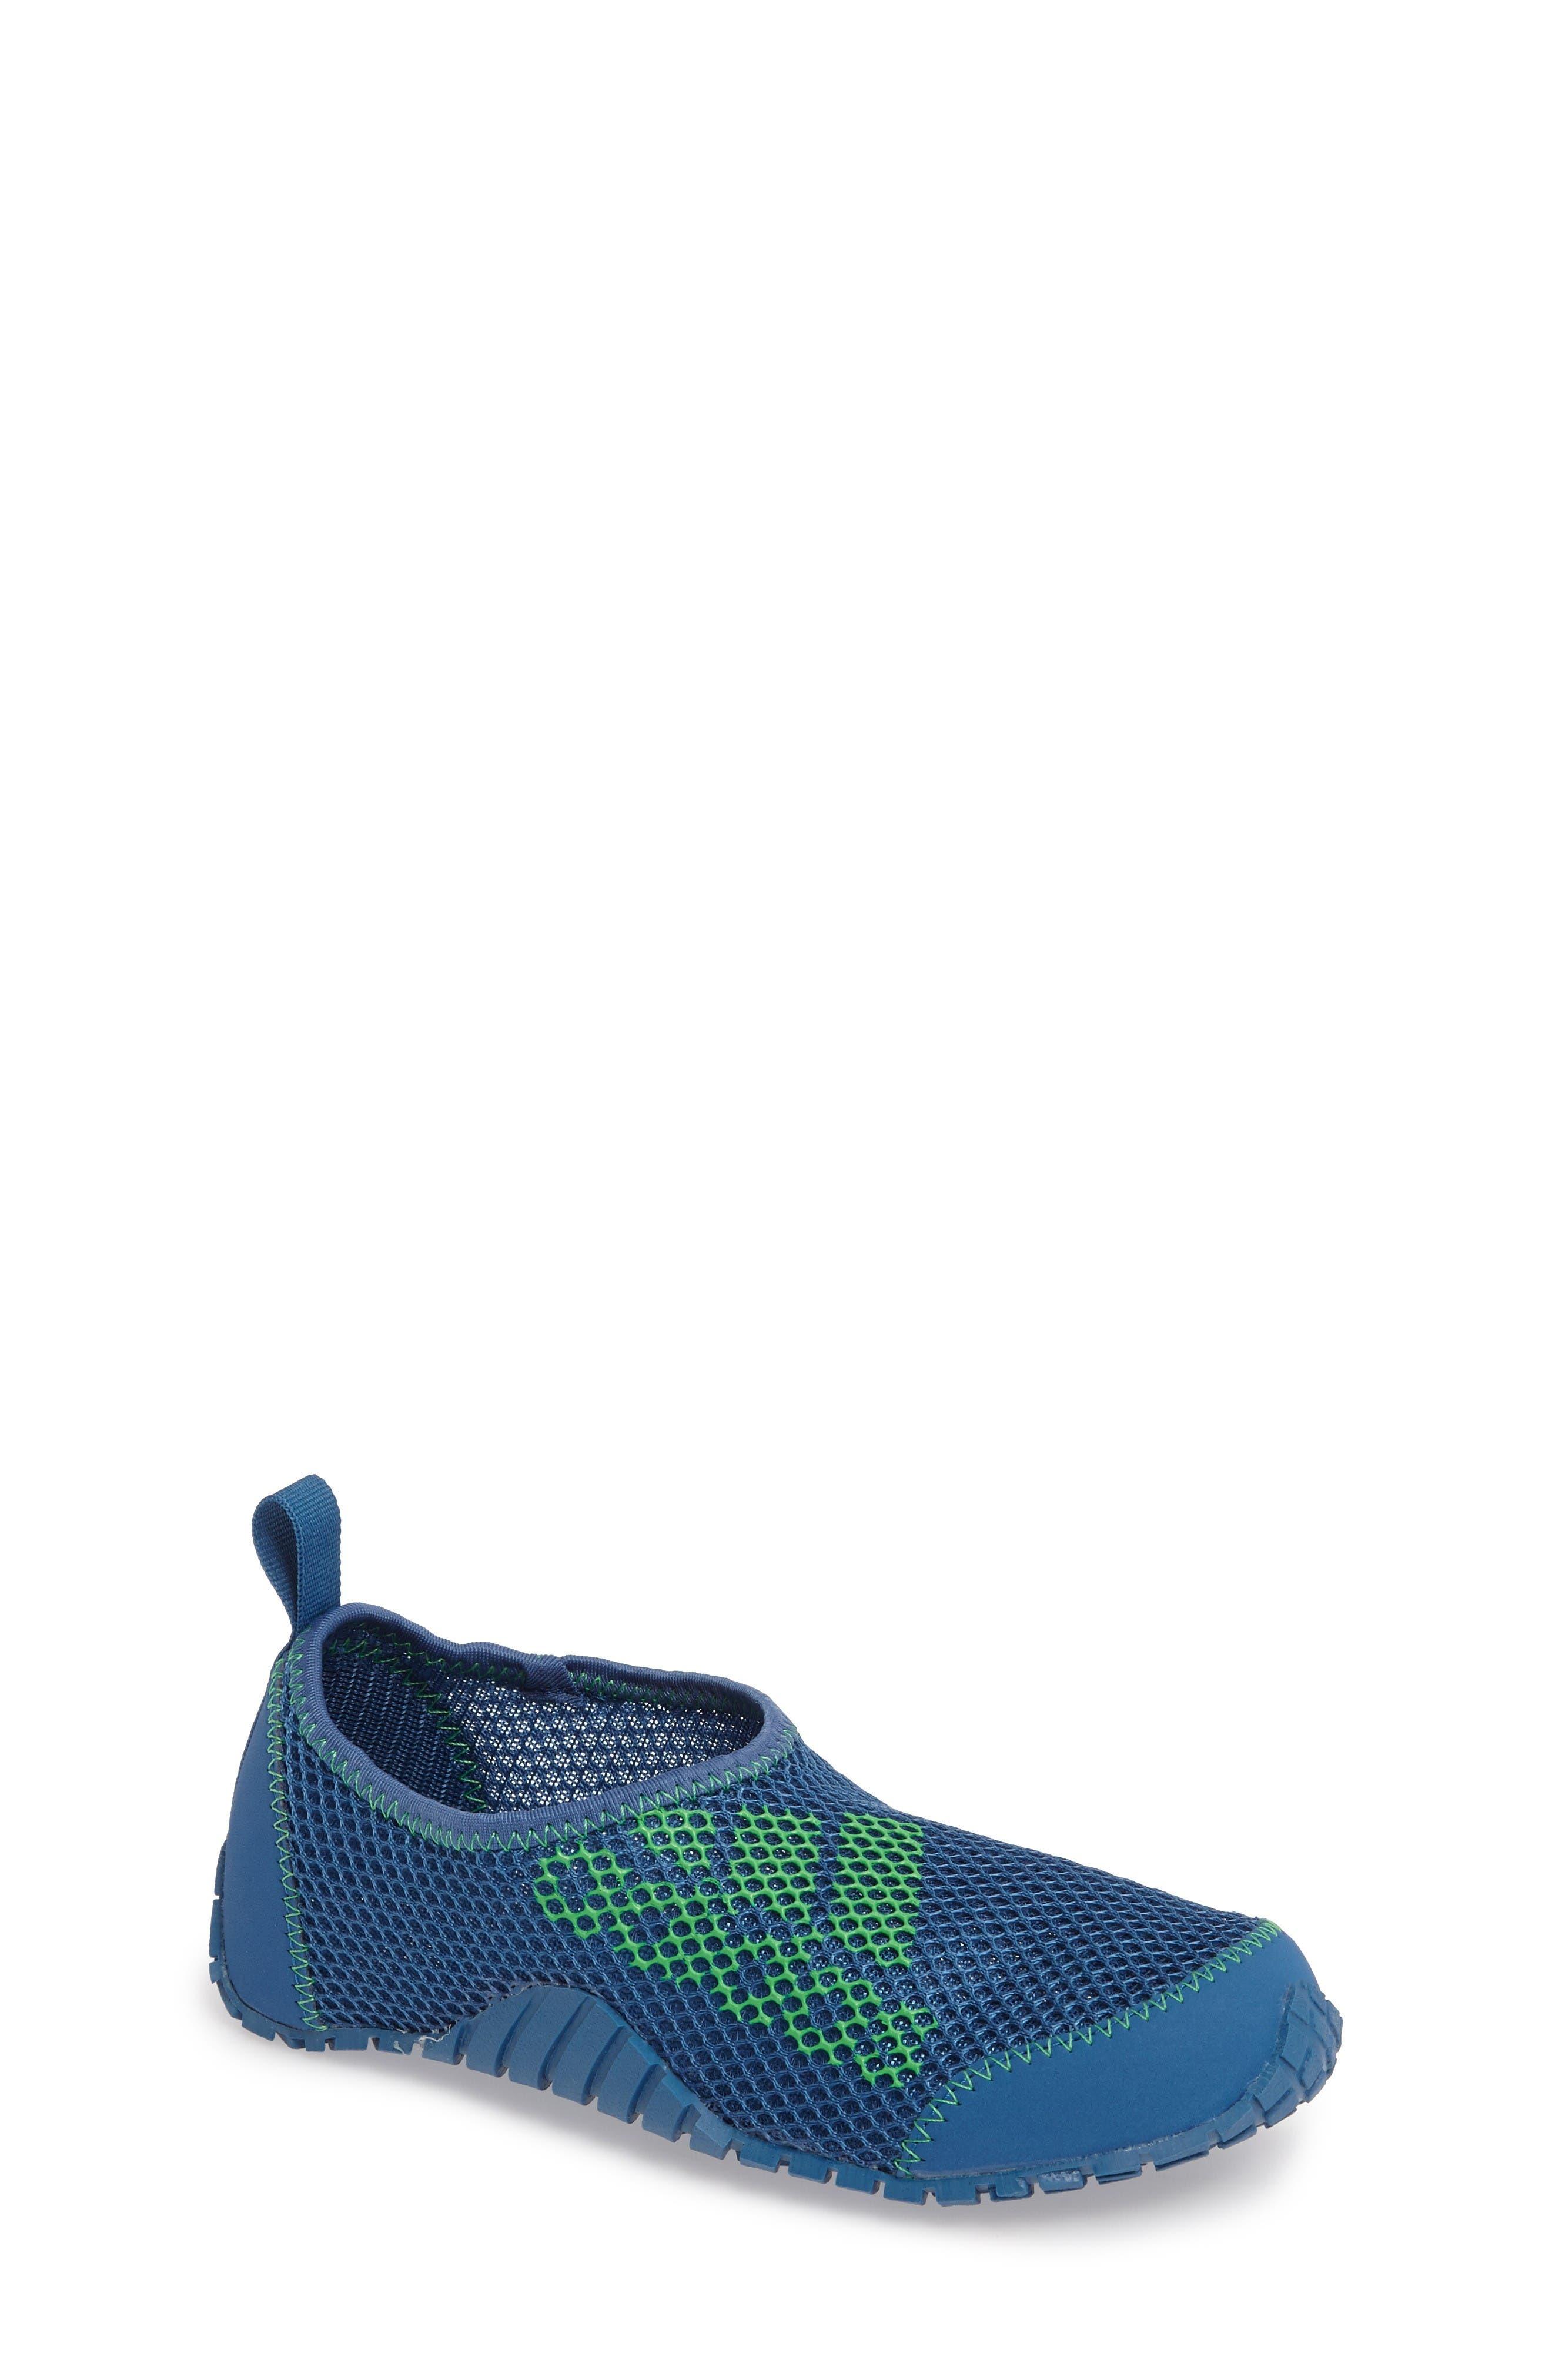 Alternate Image 1 Selected - adidas Kurobe Mesh Slip-On Water Shoe (Toddler, Little Kid & Big Kid)